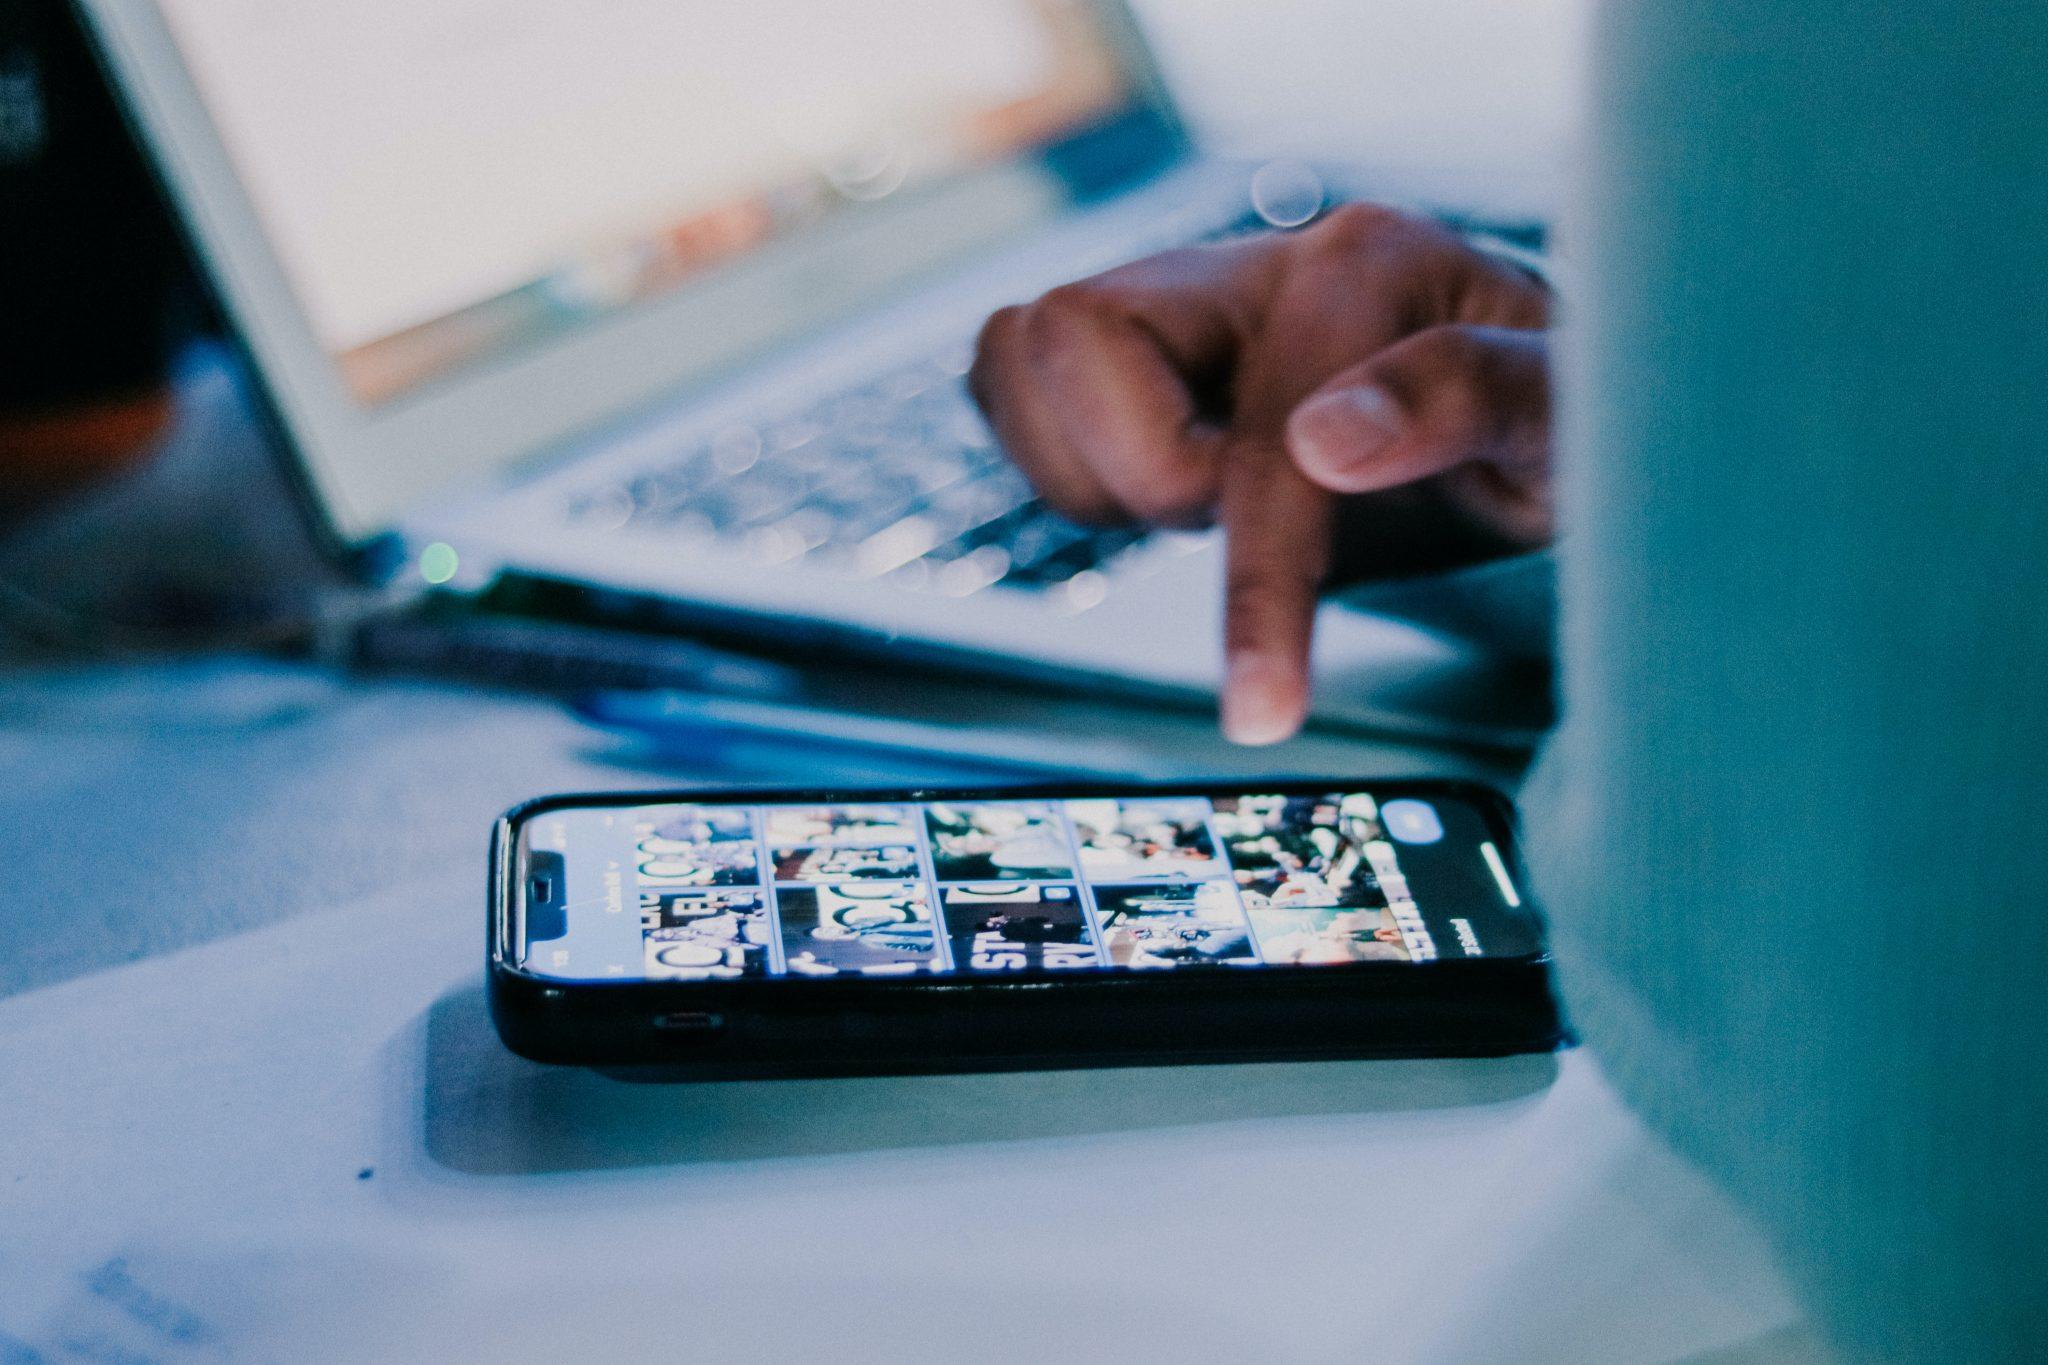 Redes sociales. Foto: Melyna Valle on Unsplash